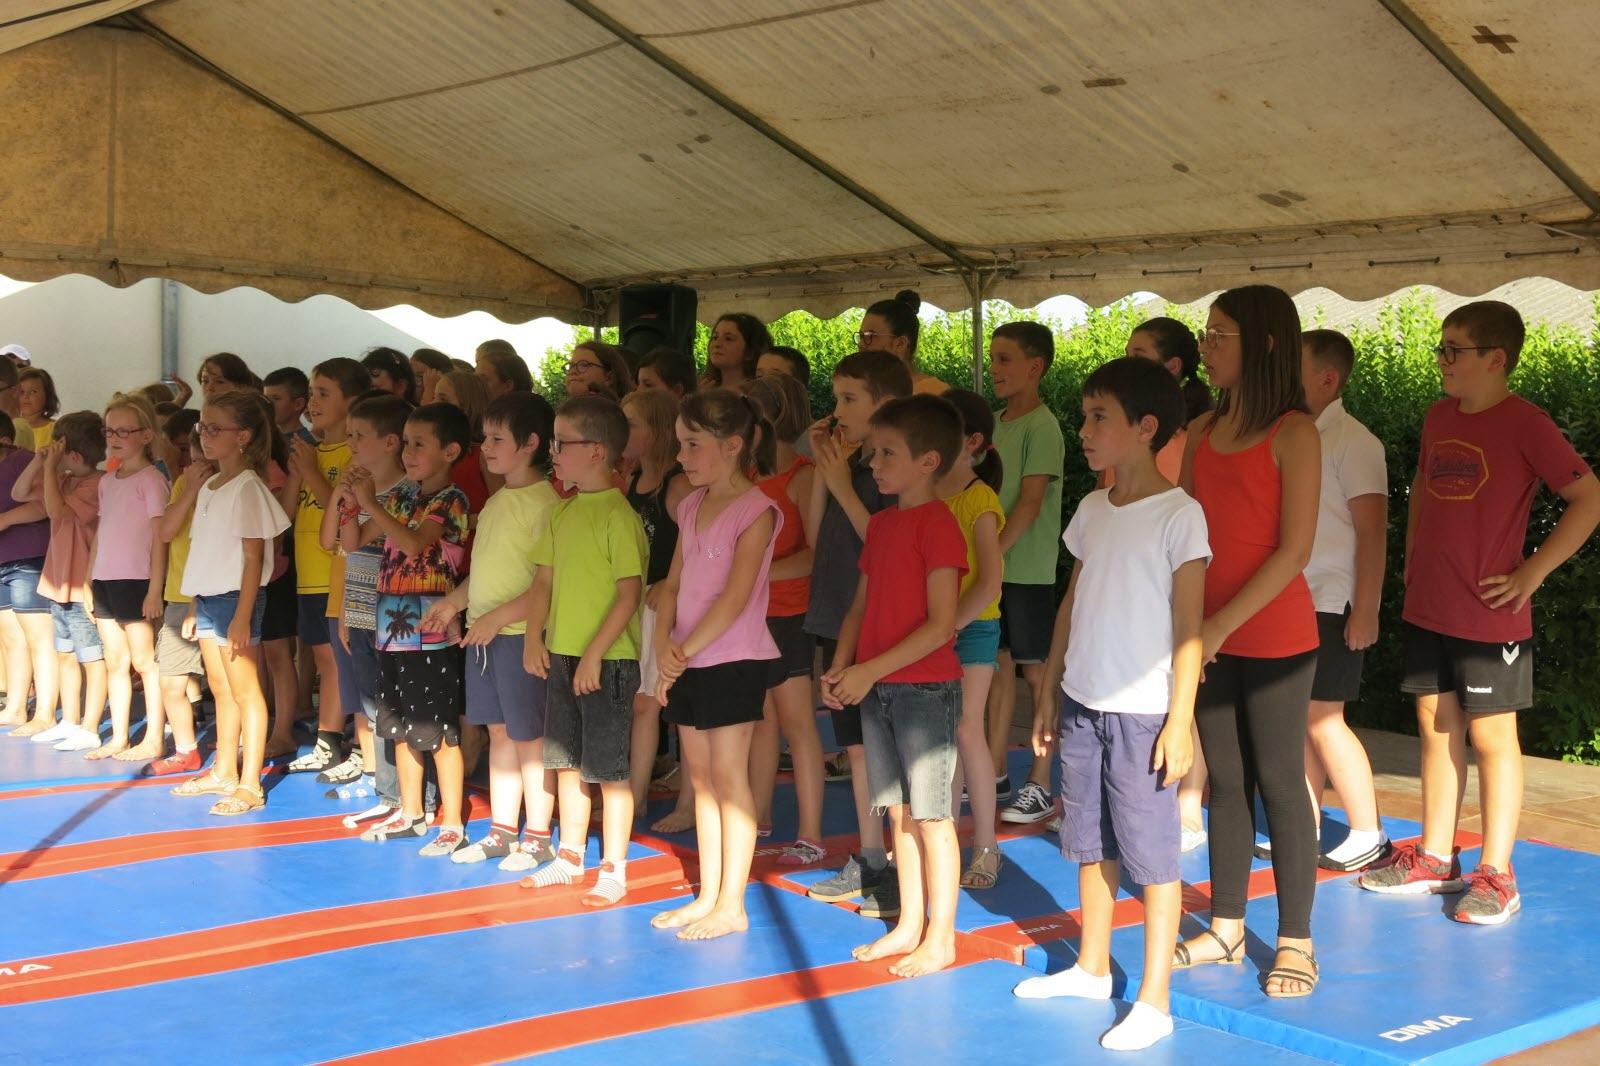 Tavernay | Musique, Chants, Danses Et Kermesse En Soirée avec Frere Jacques Anglais